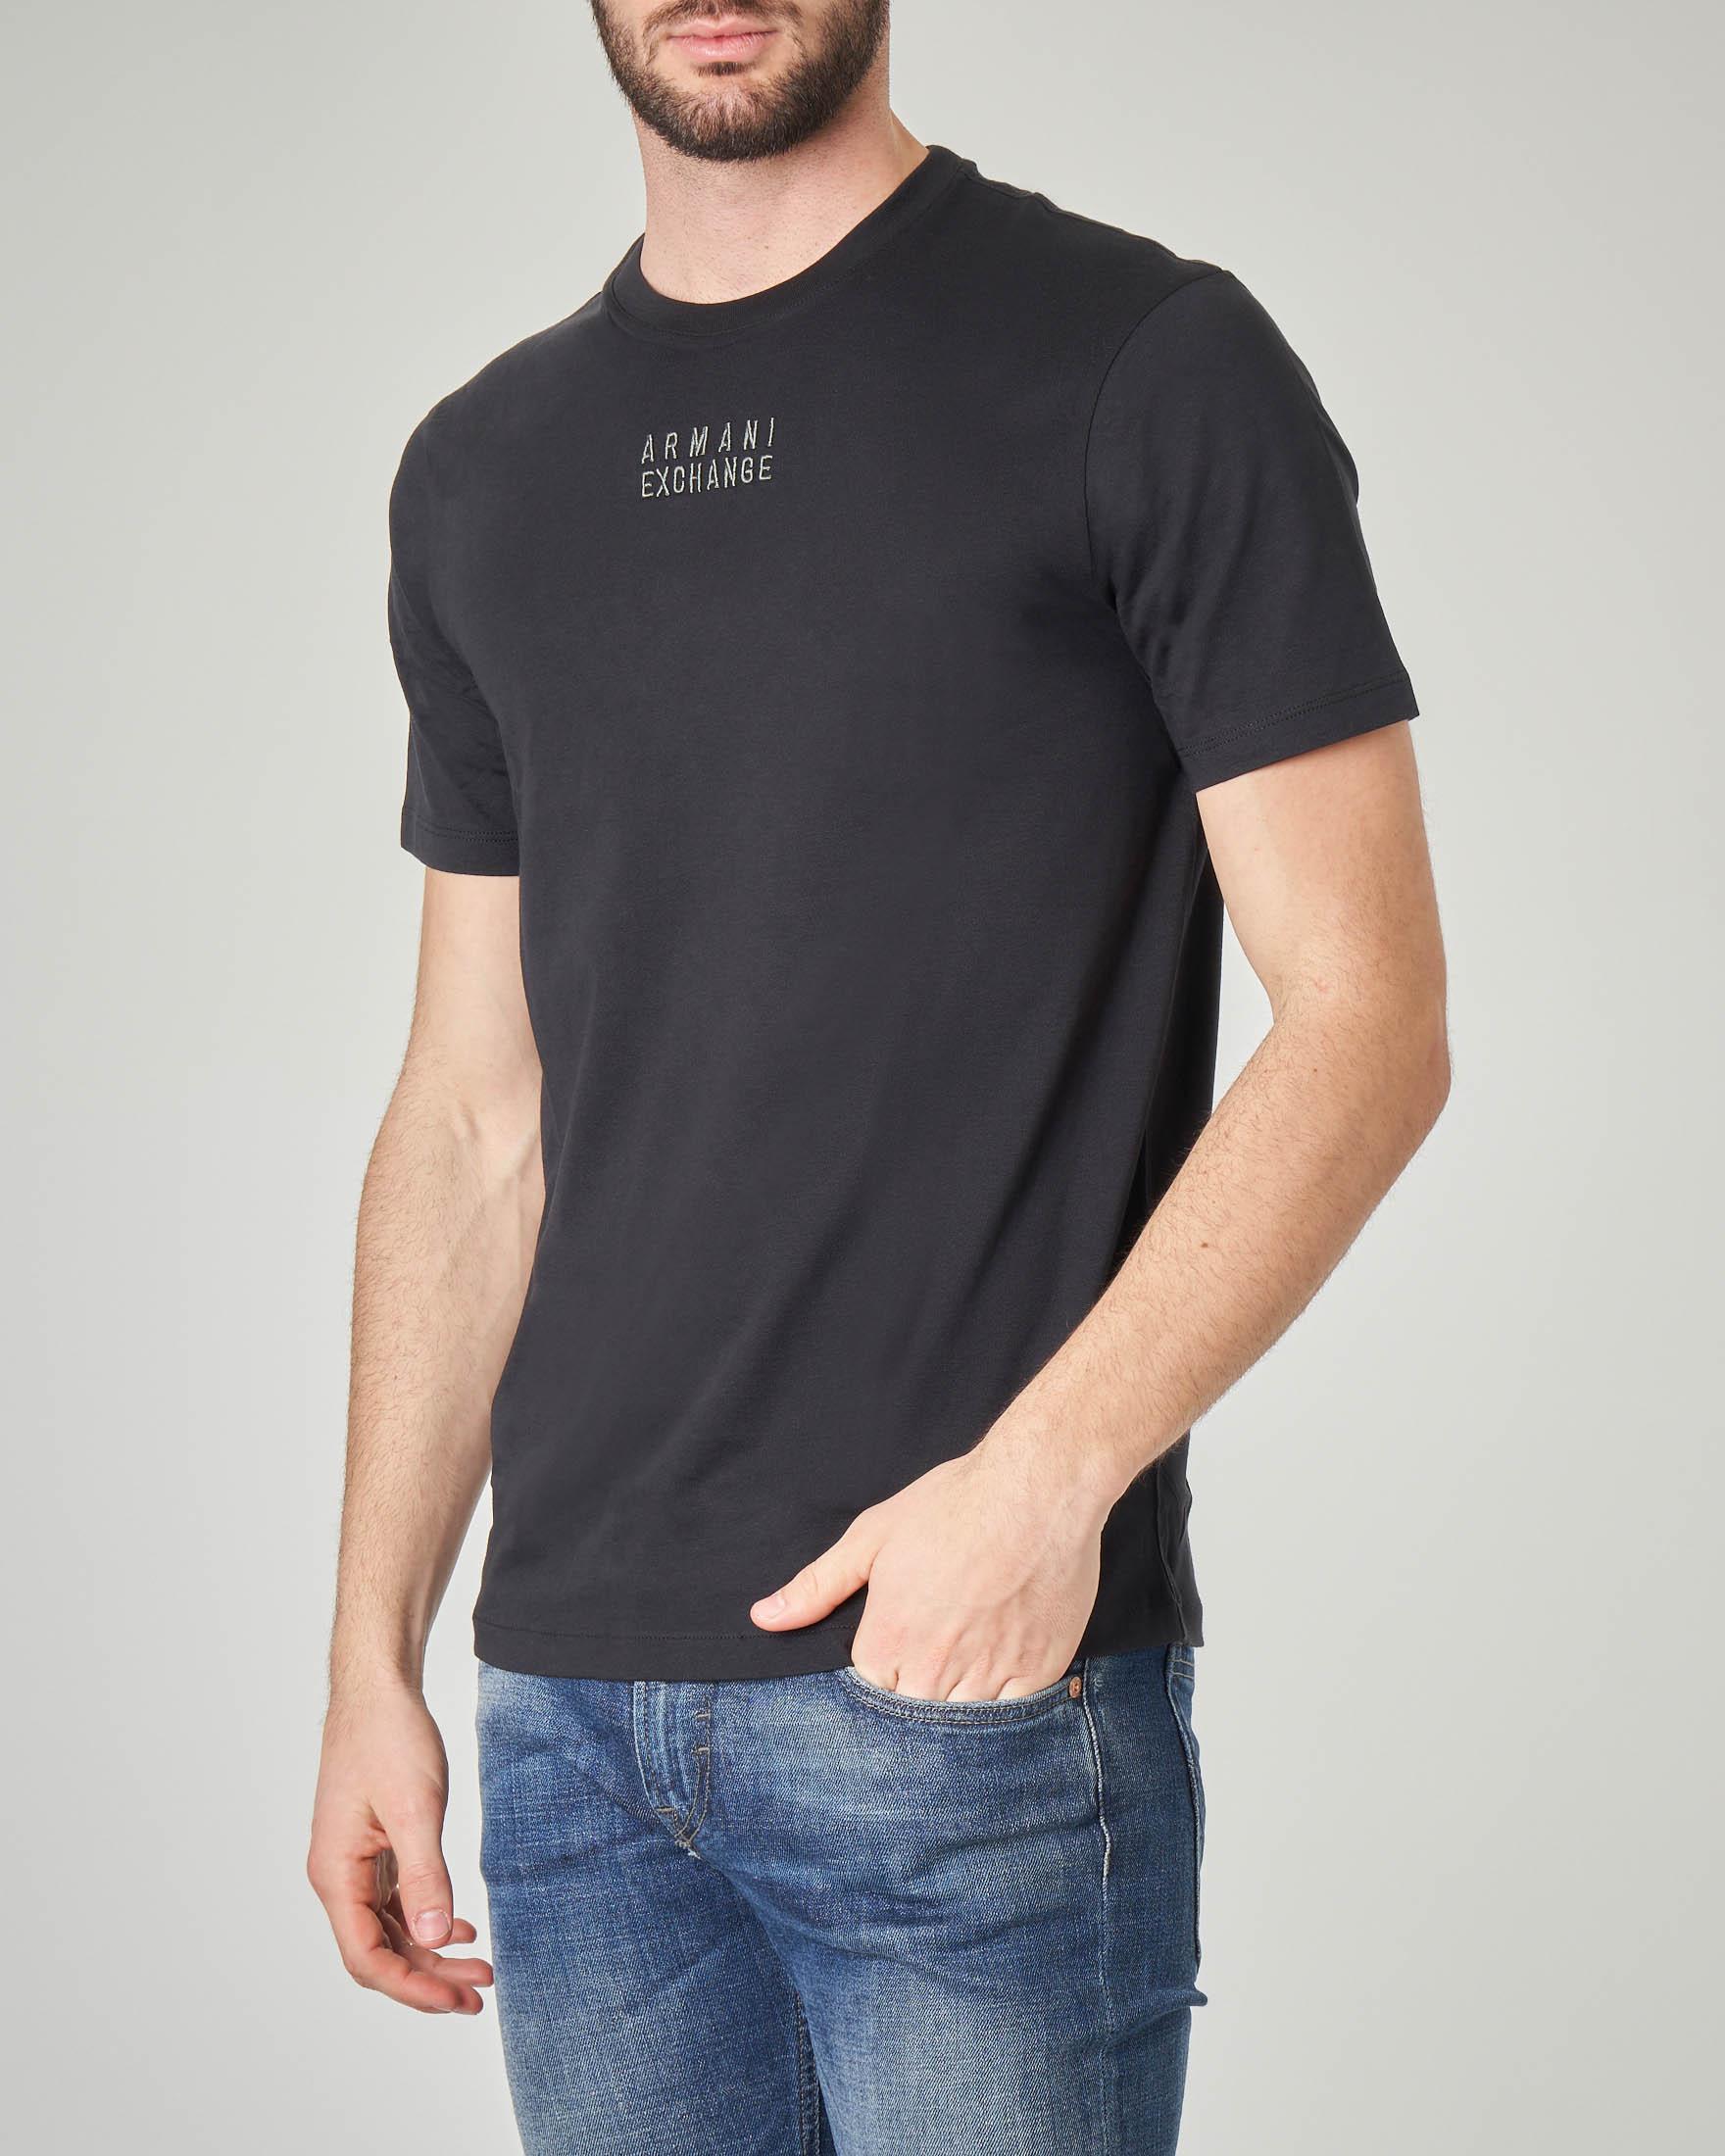 T-shirt nera con logo piccolo ricamato davanti e stampa sul retro